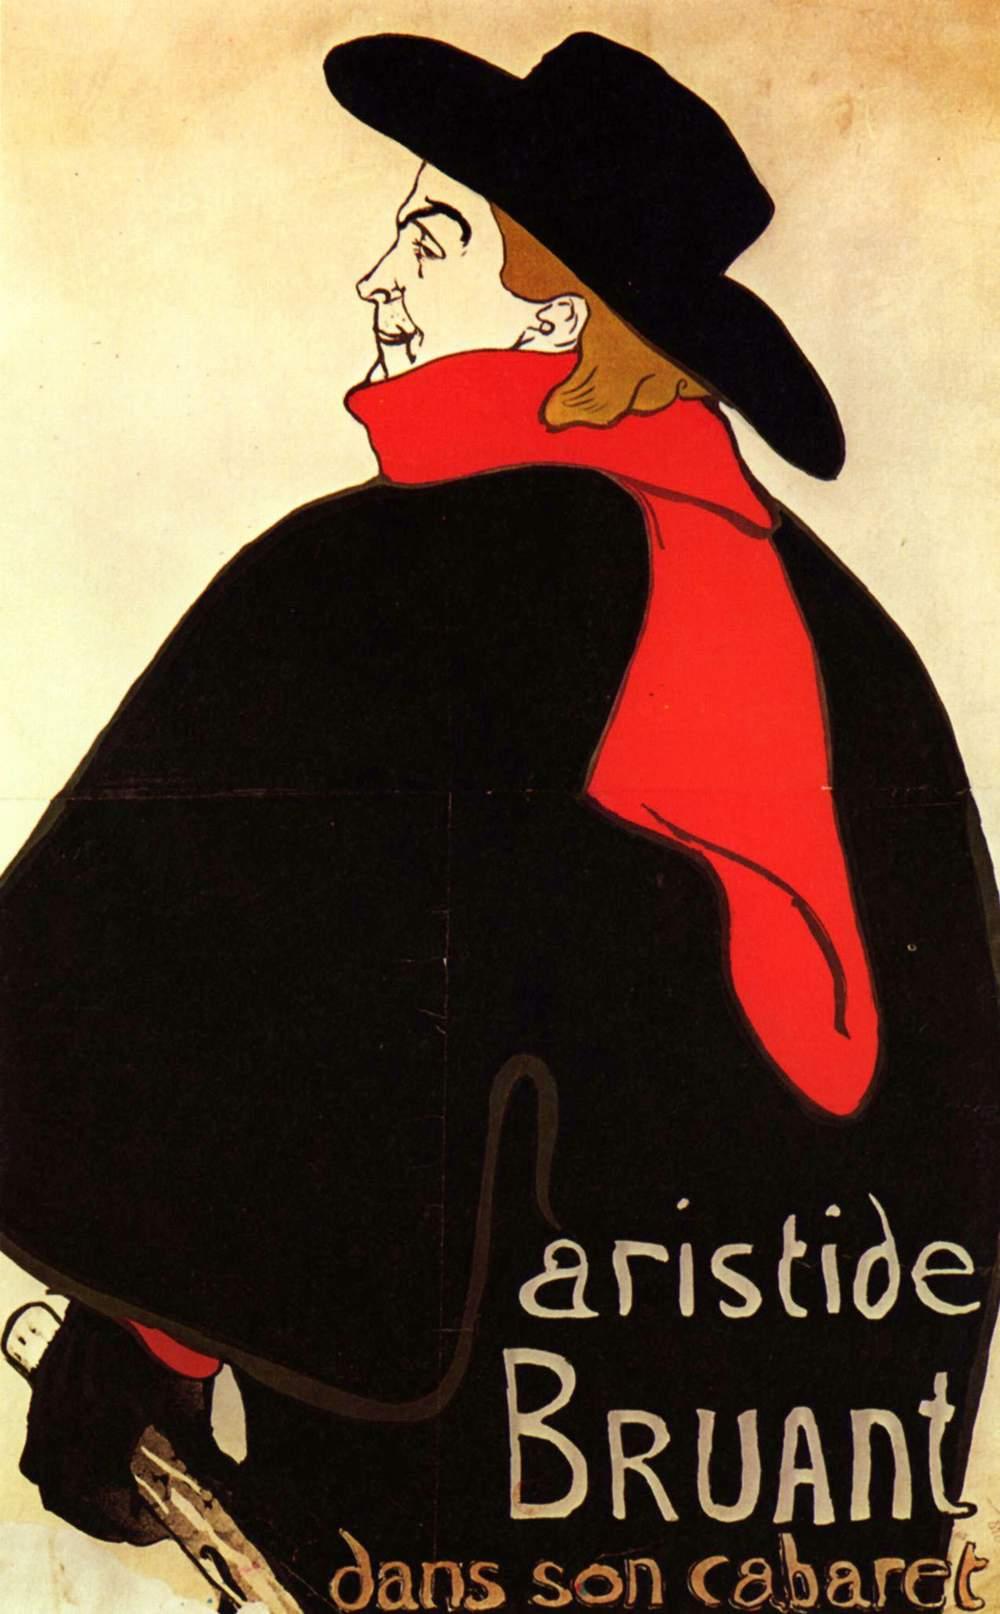 Aristide bruant in his cabaret henri de toulouse lautrec for Toulouse lautrec works